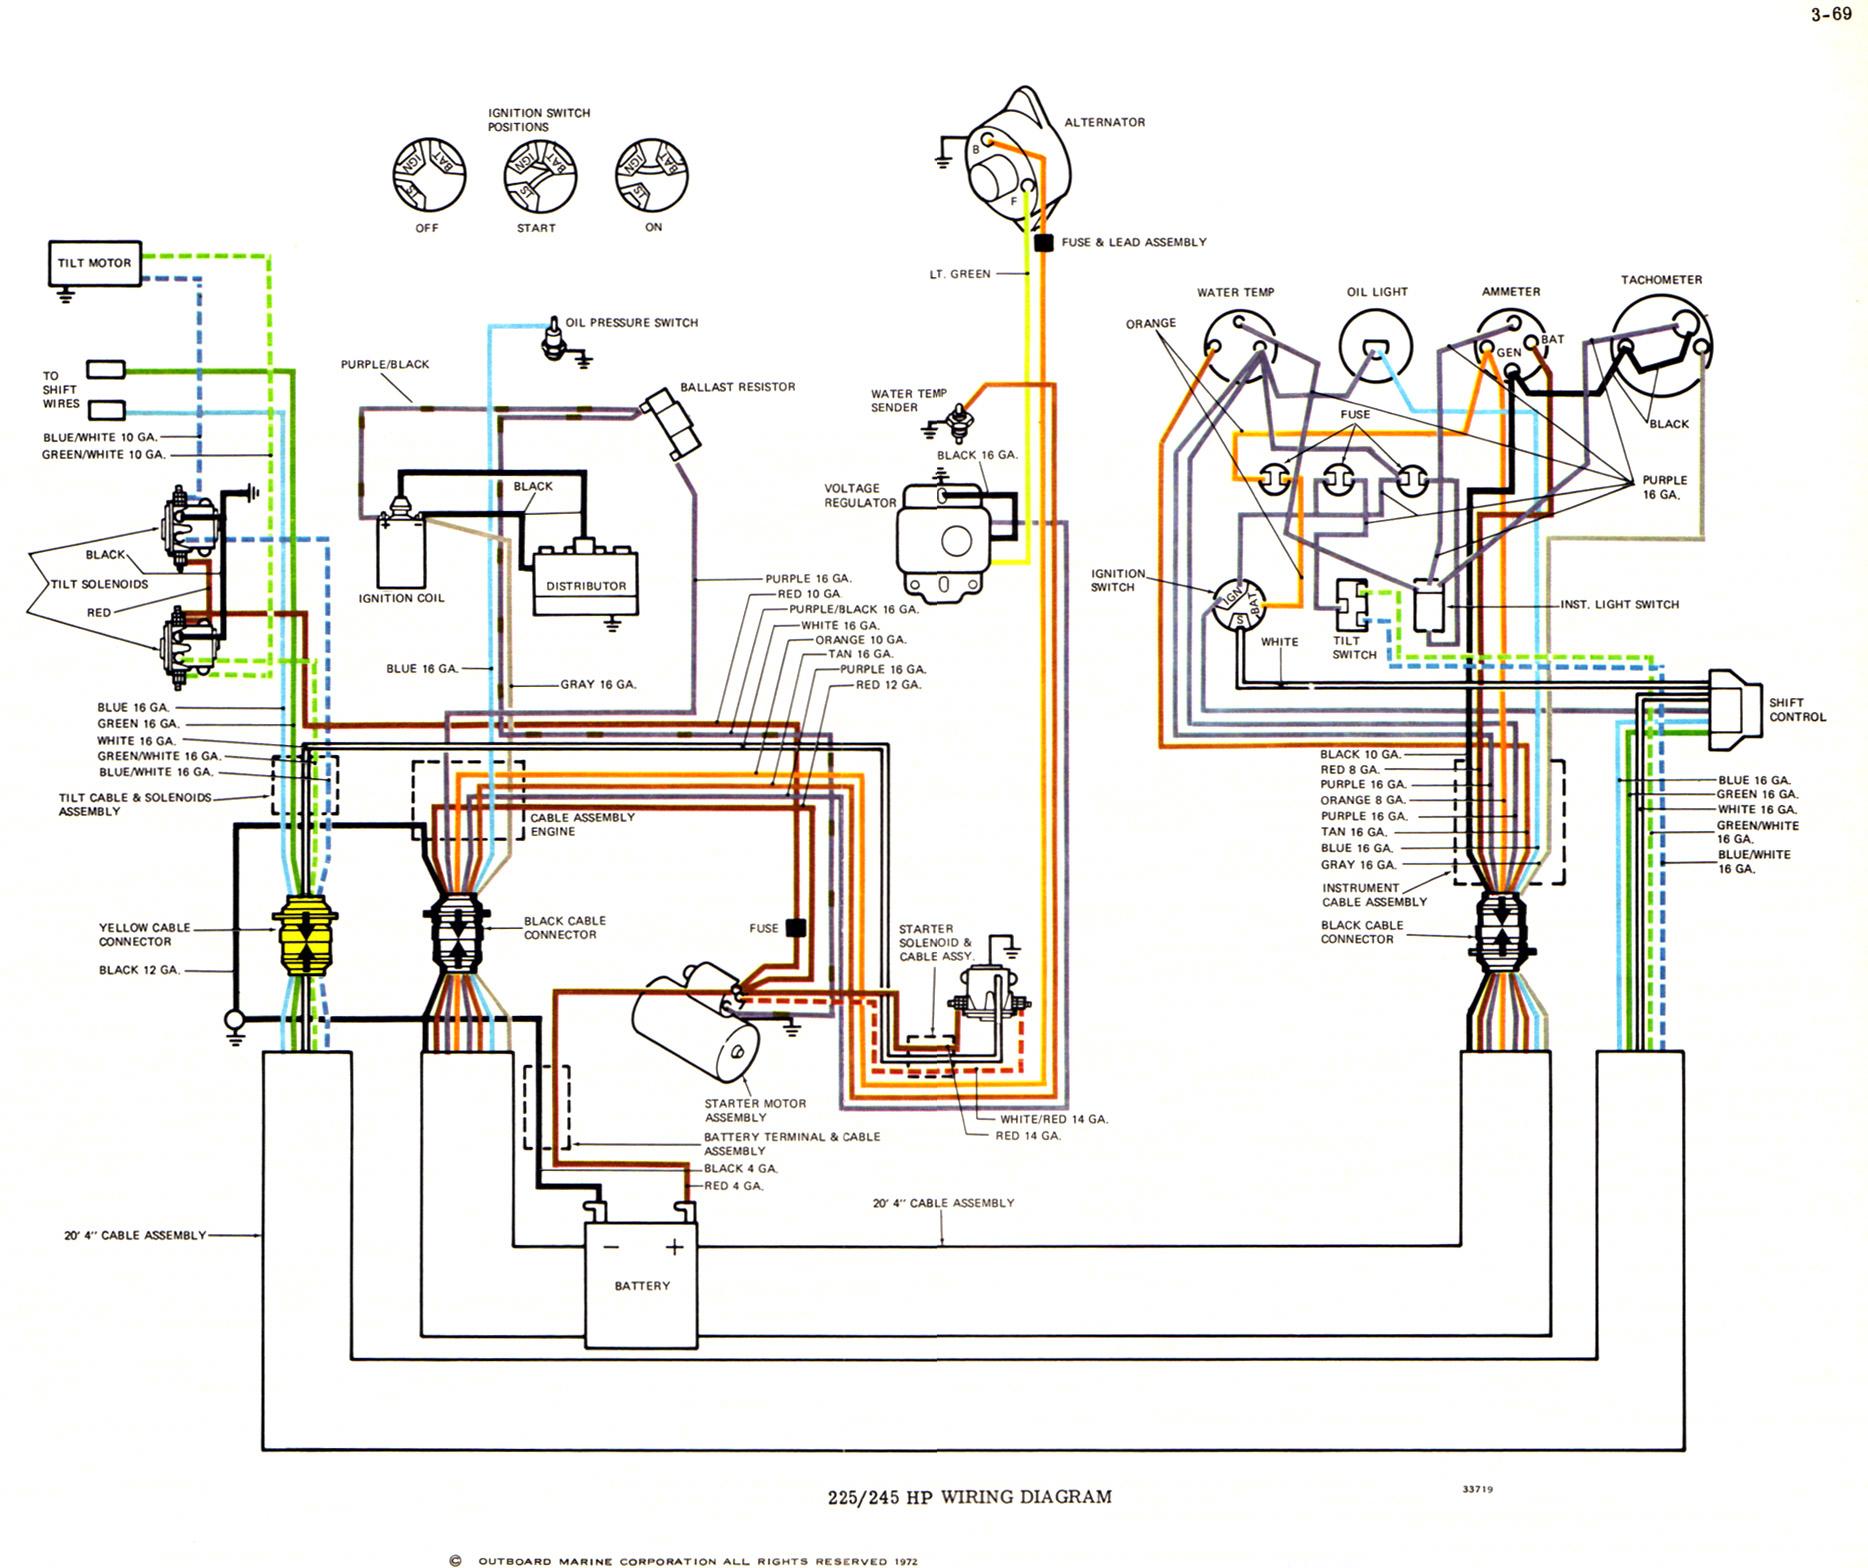 NB_6858] Suzuki Outboard Wiring Schematics Free Diagram  Inkl Props Omit Nekout Expe Nnigh Benkeme Mohammedshrine Librar Wiring 101